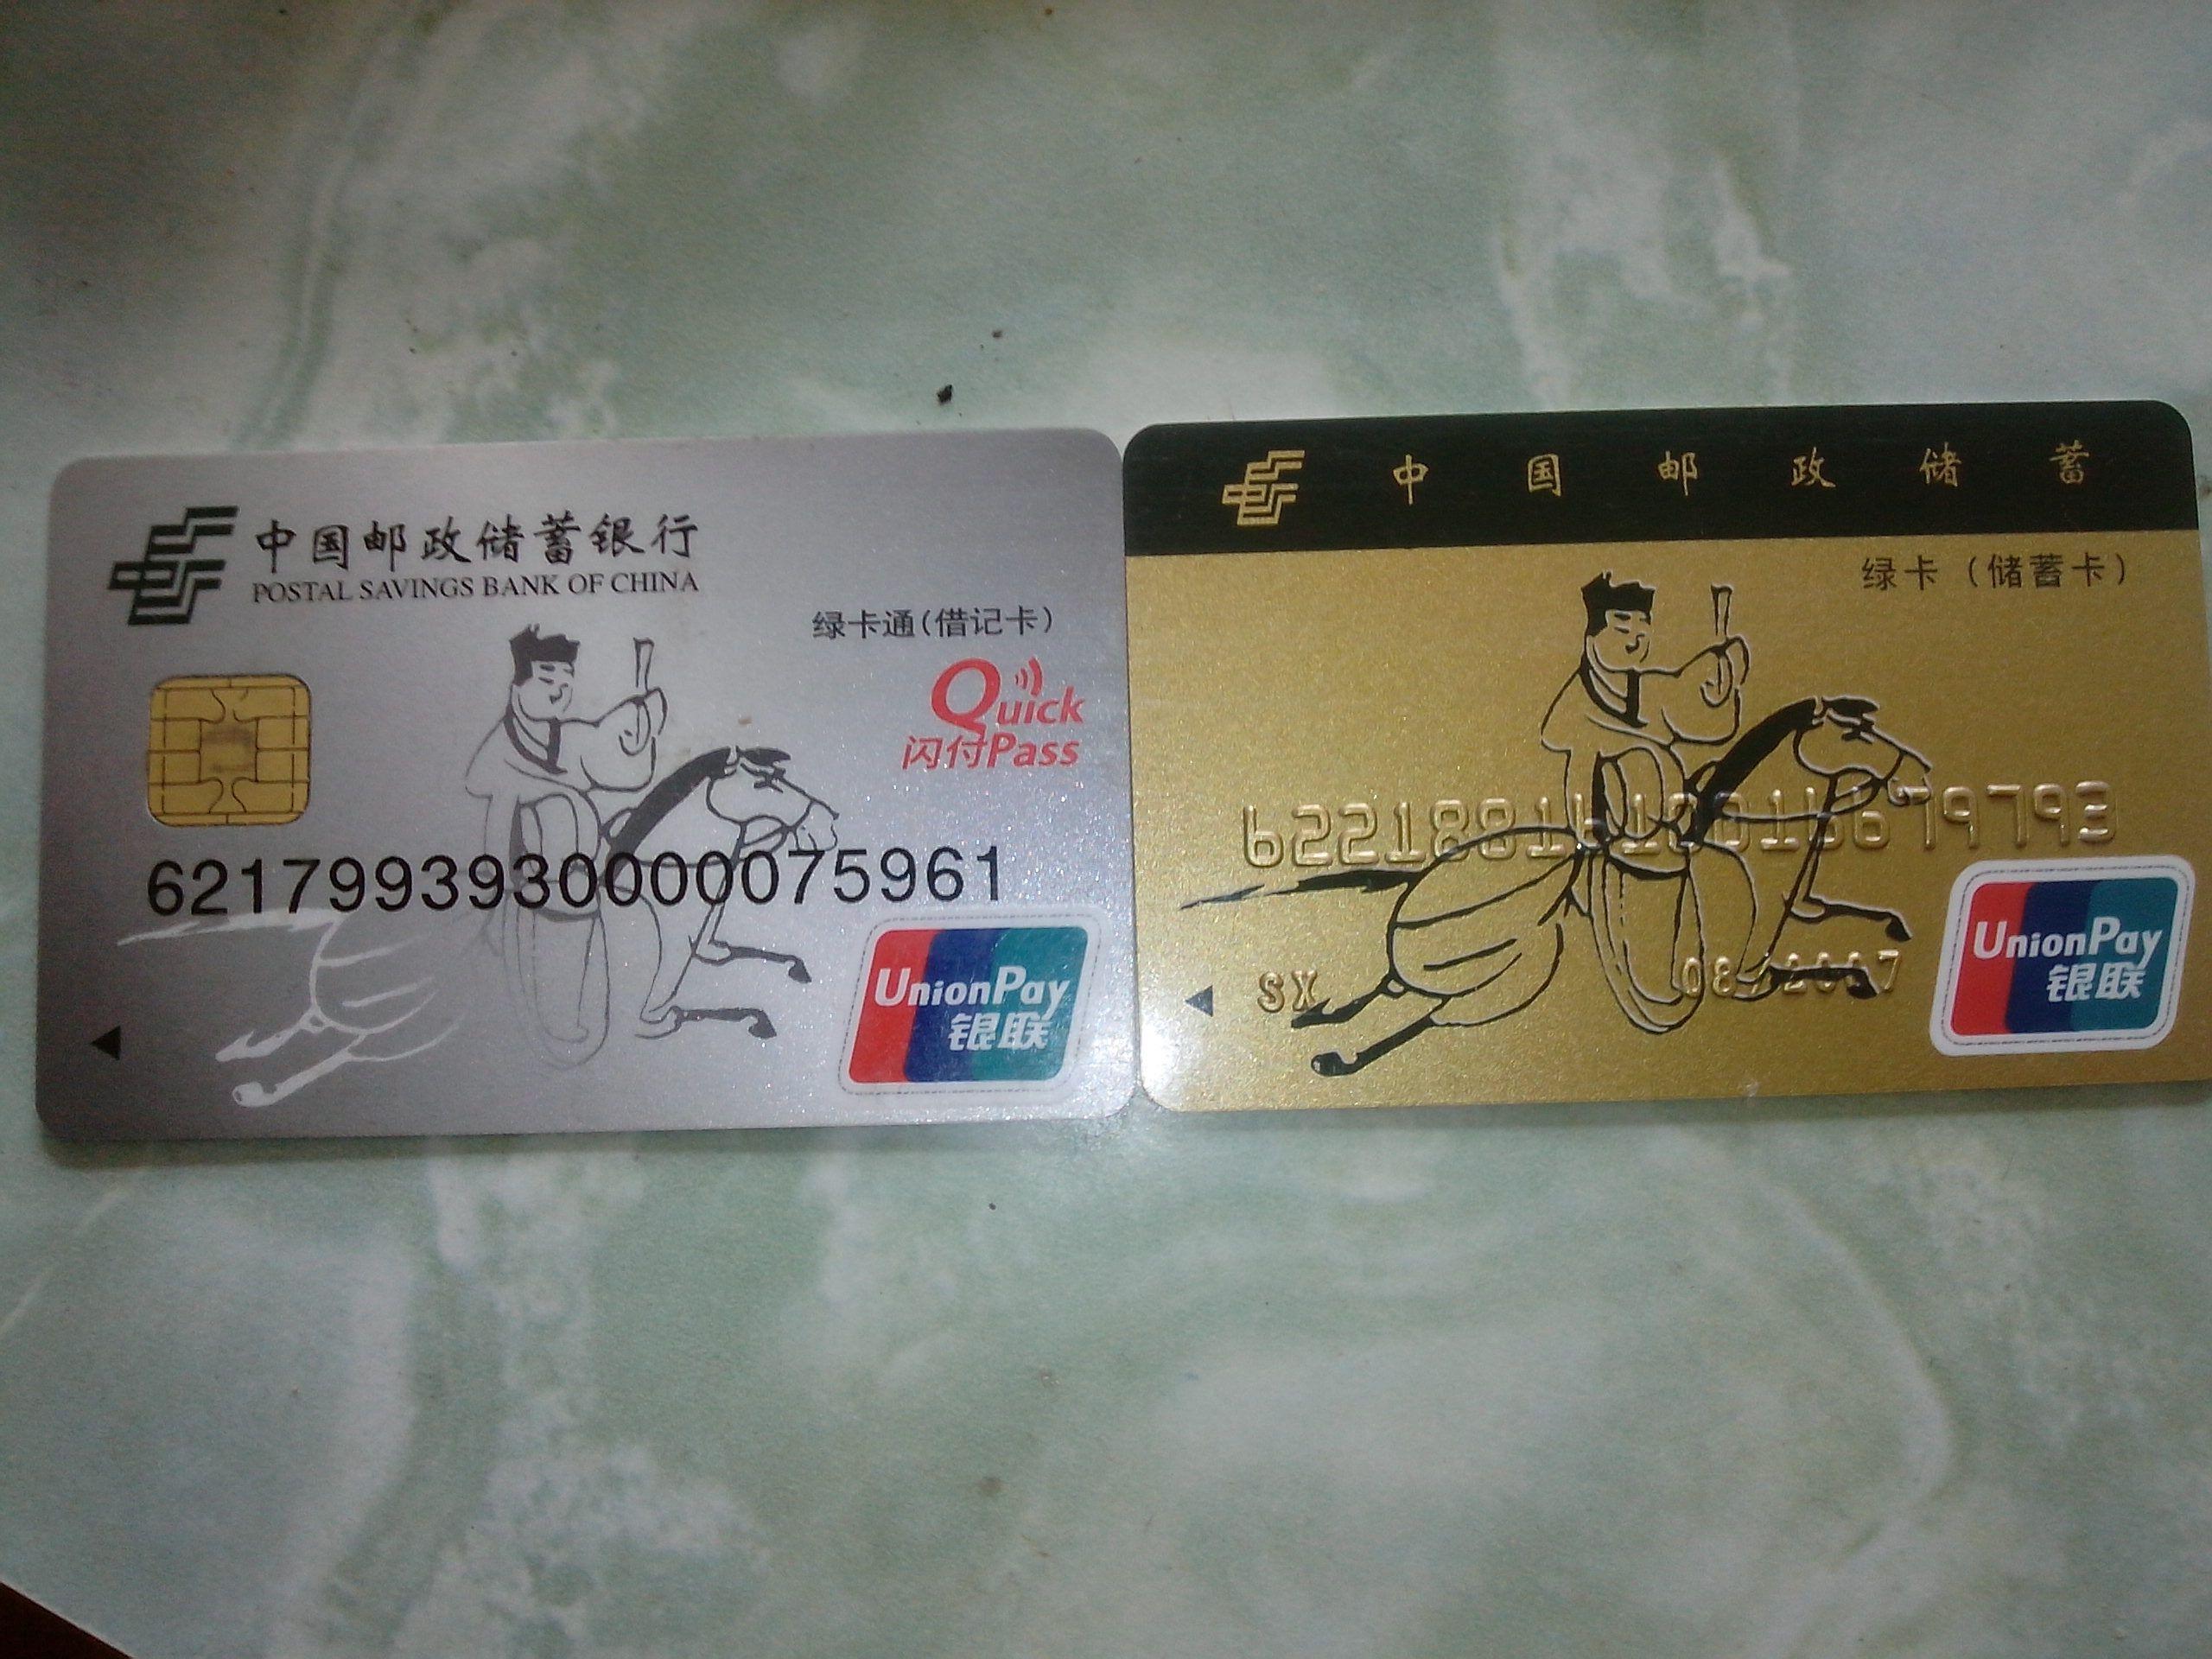 用农业银行卡充�z-._邮政储蓄卡可以在农业银行自动存款机存钱吗,要手续费